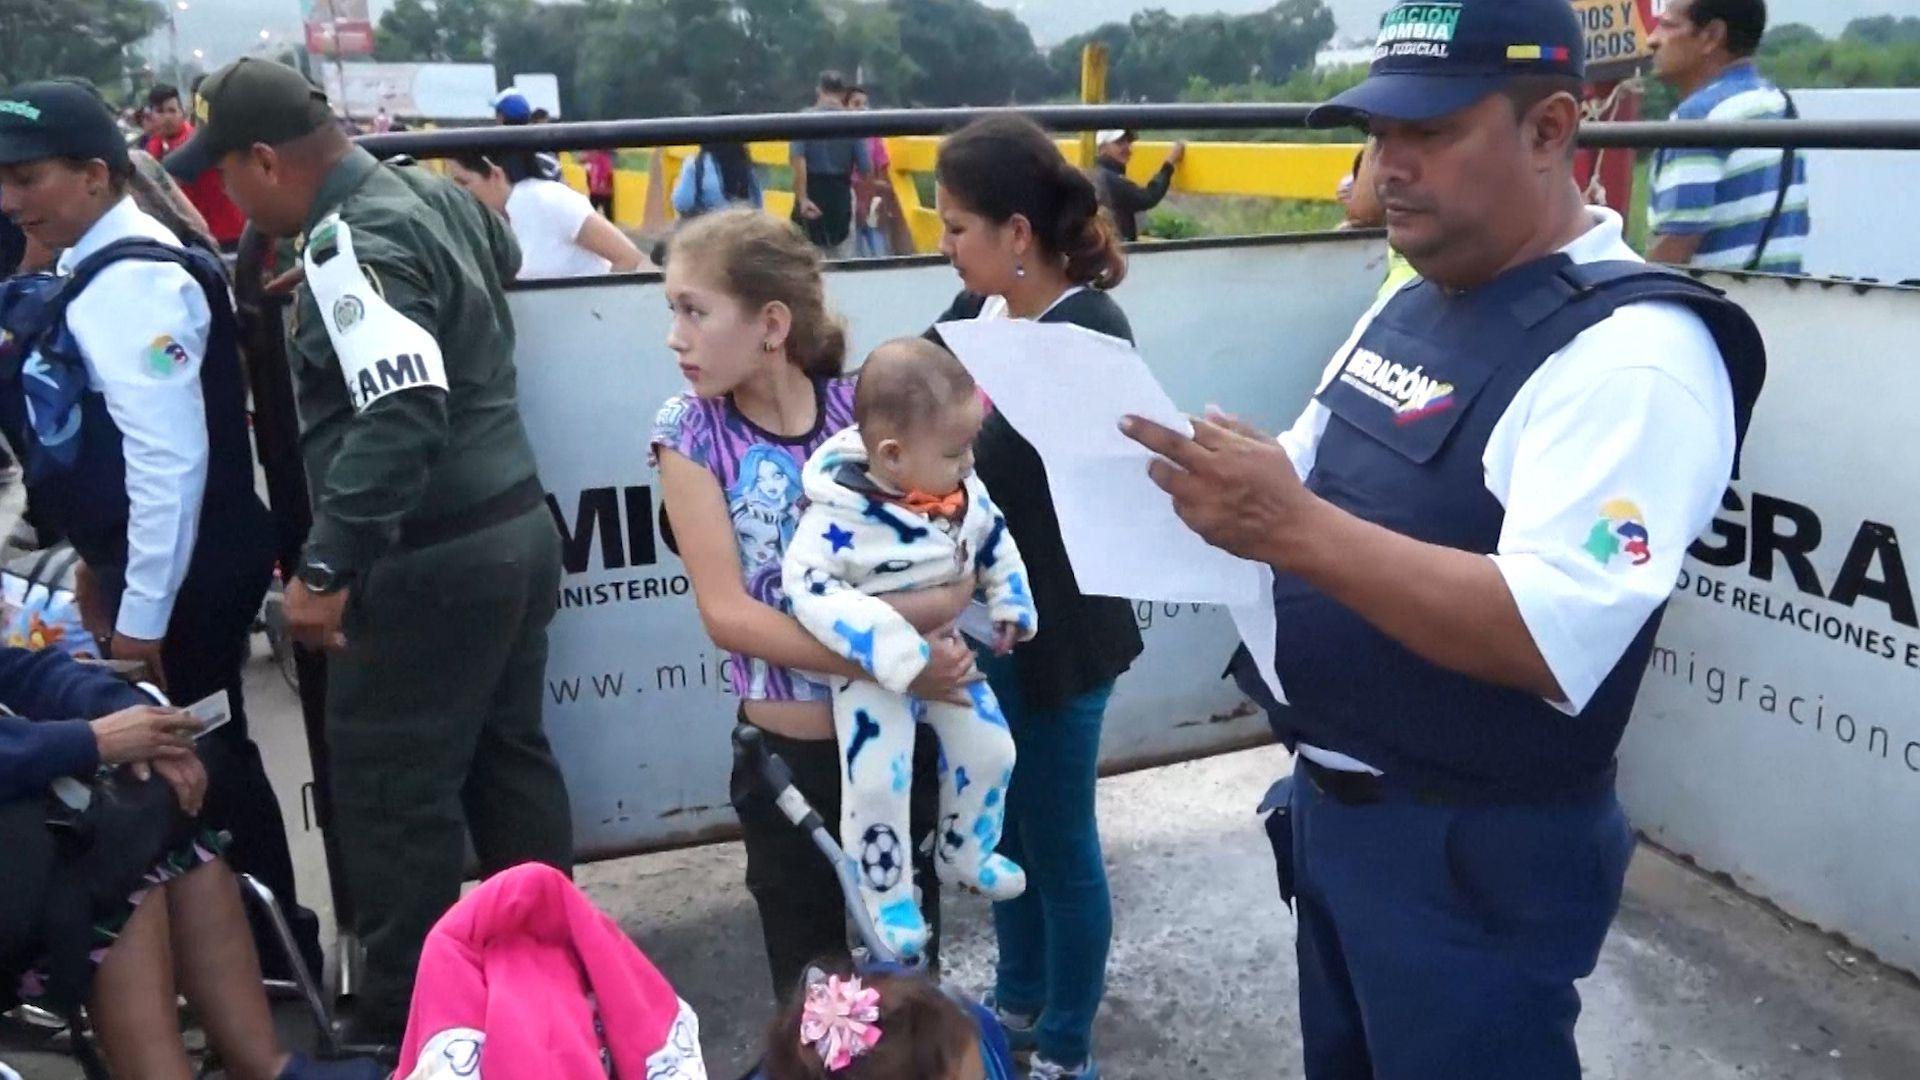 Los venezolanos buscan un futuro mejor en otros países de la región